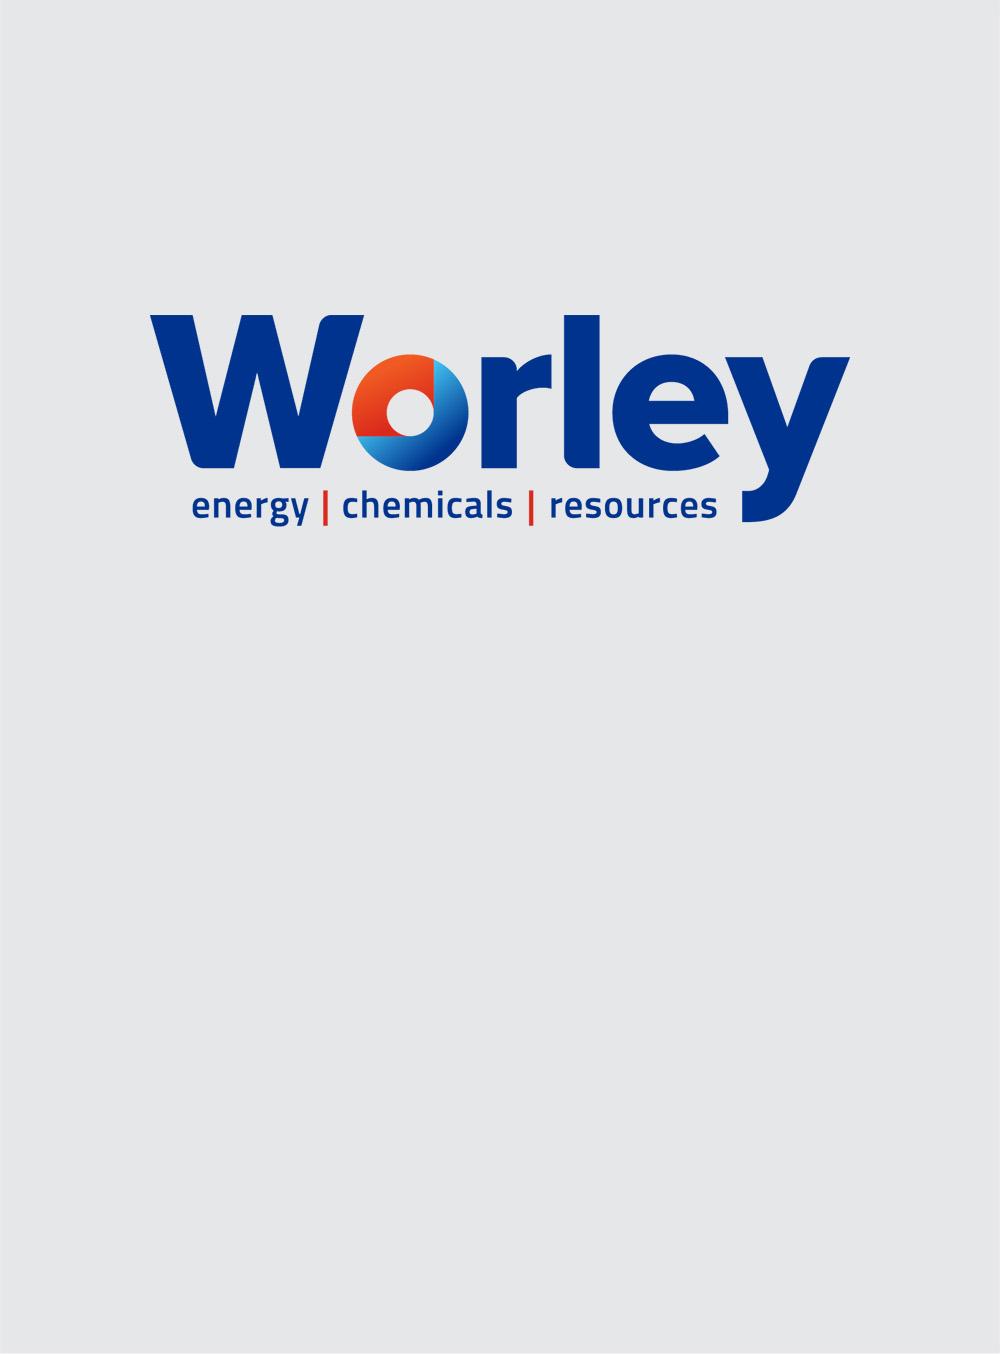 logo Worley